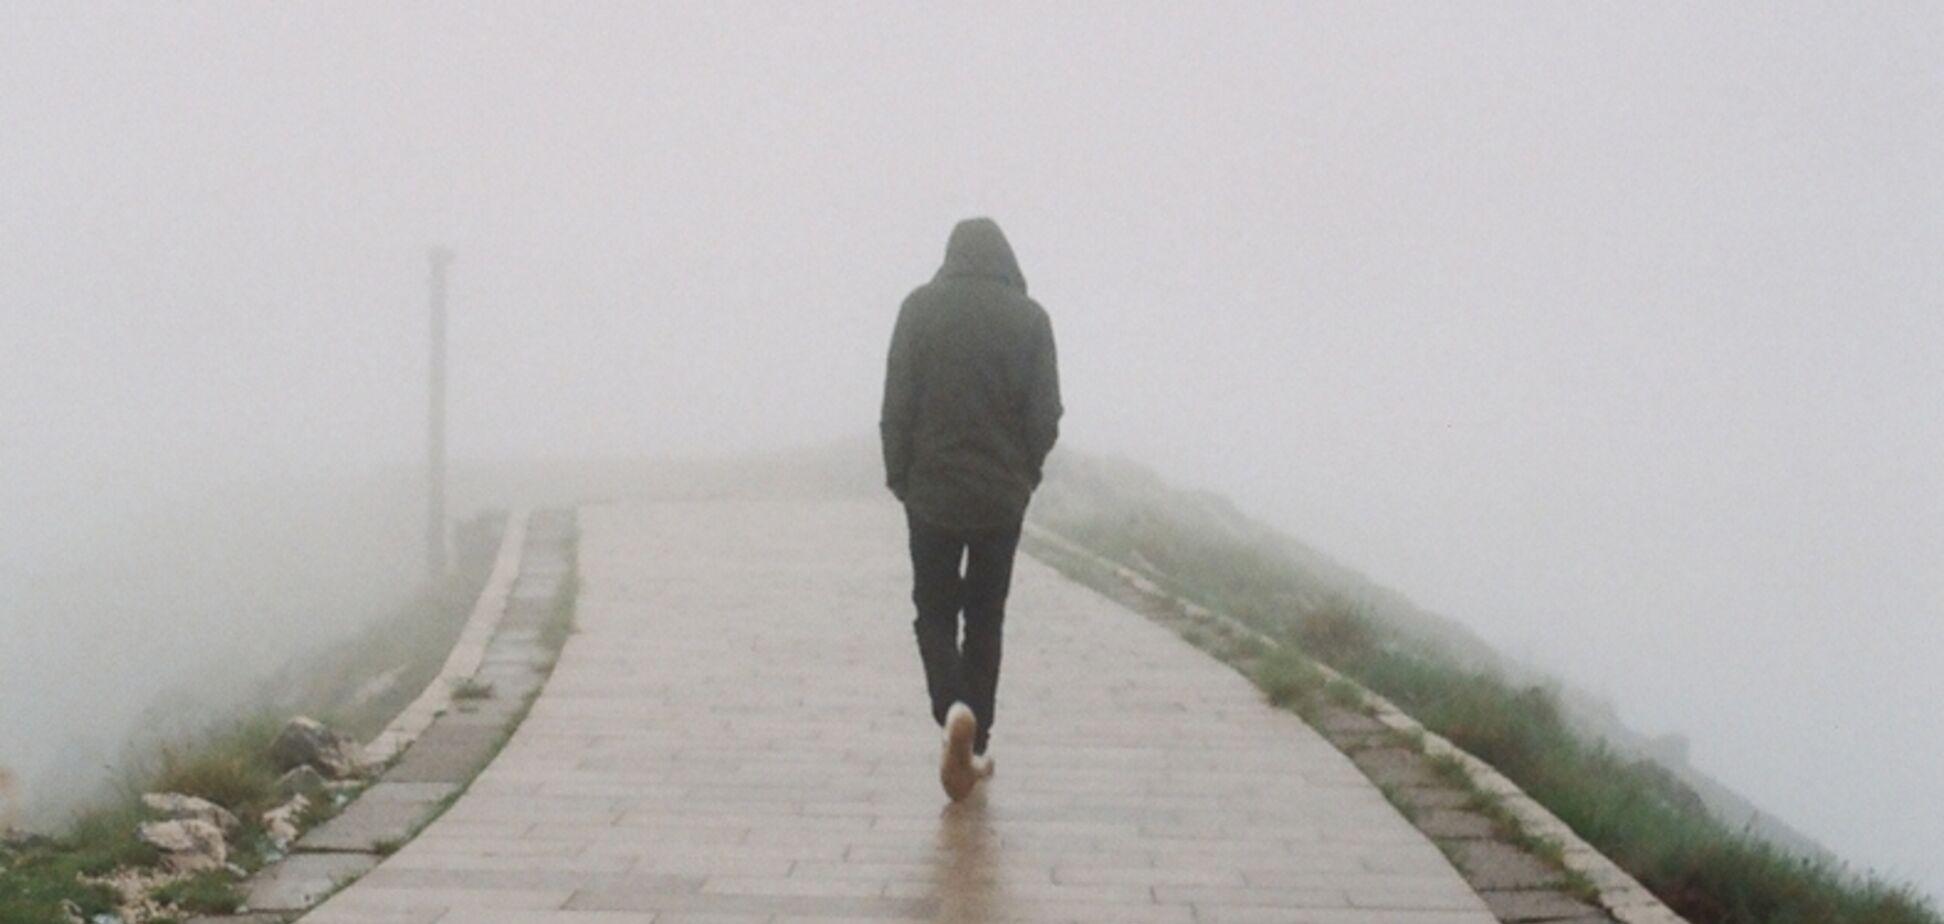 У Кривому Розі розшукують зниклого безвісти чоловіка: фото і прикмети